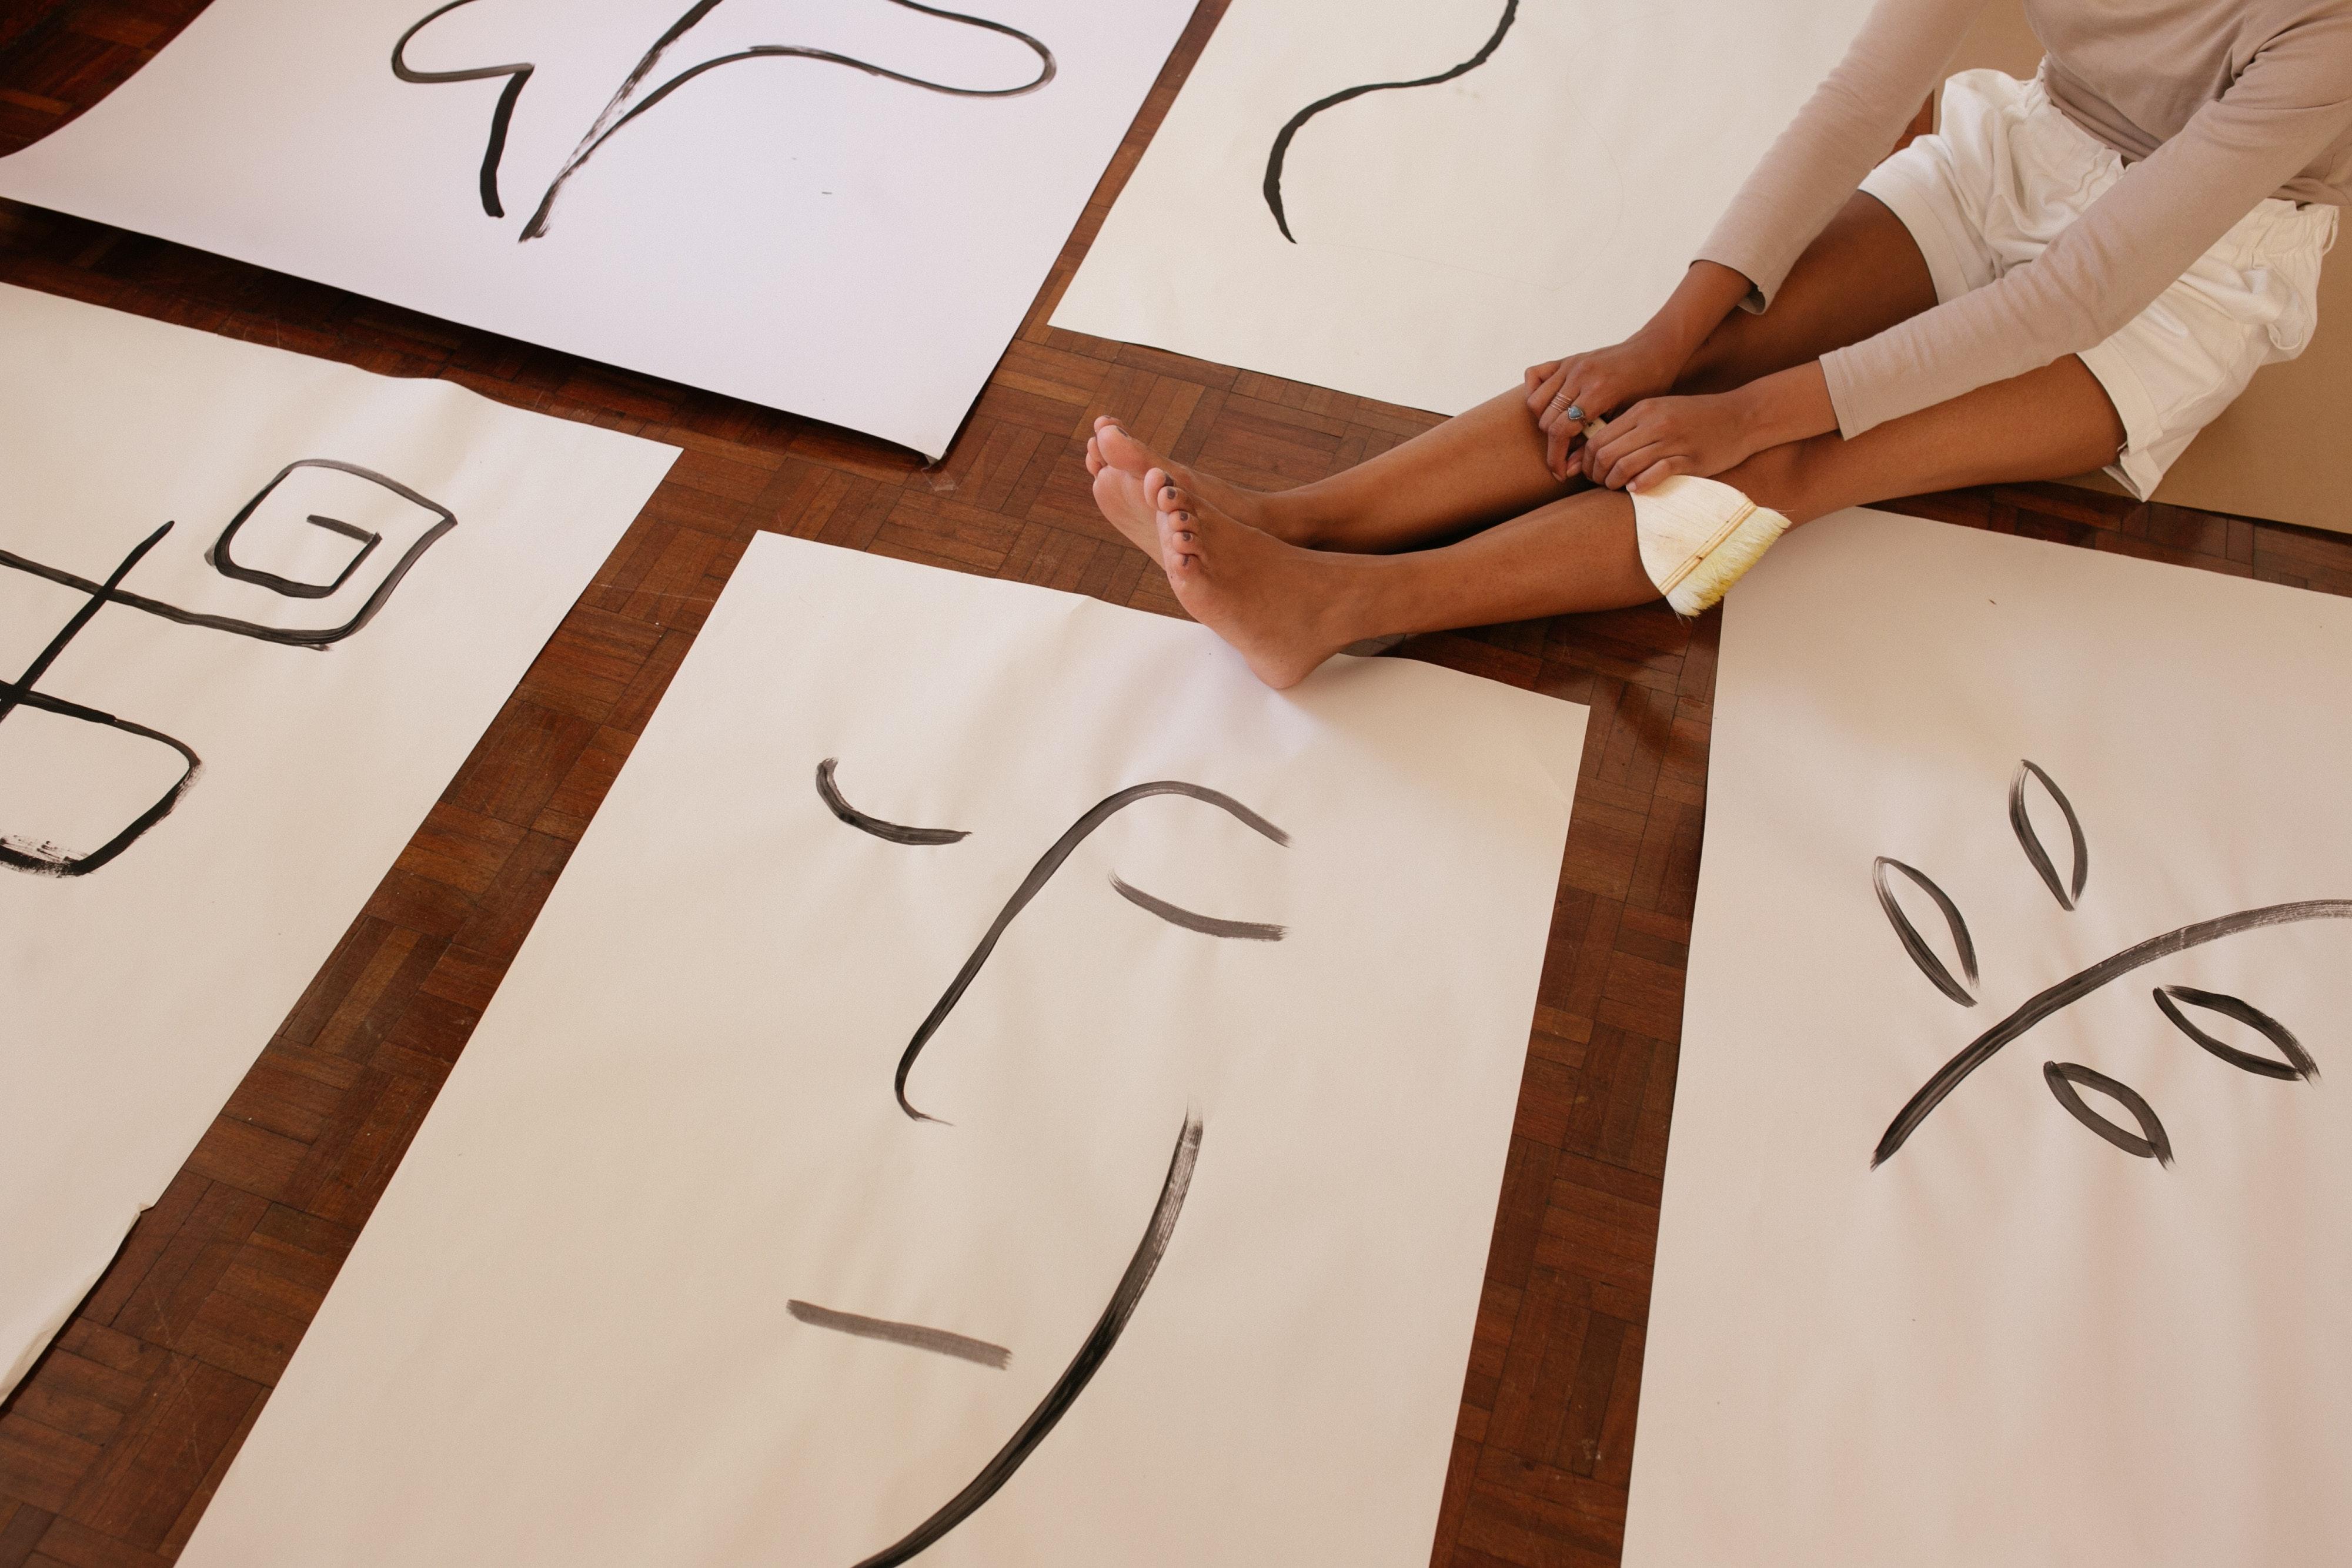 dessins sur papier blanc